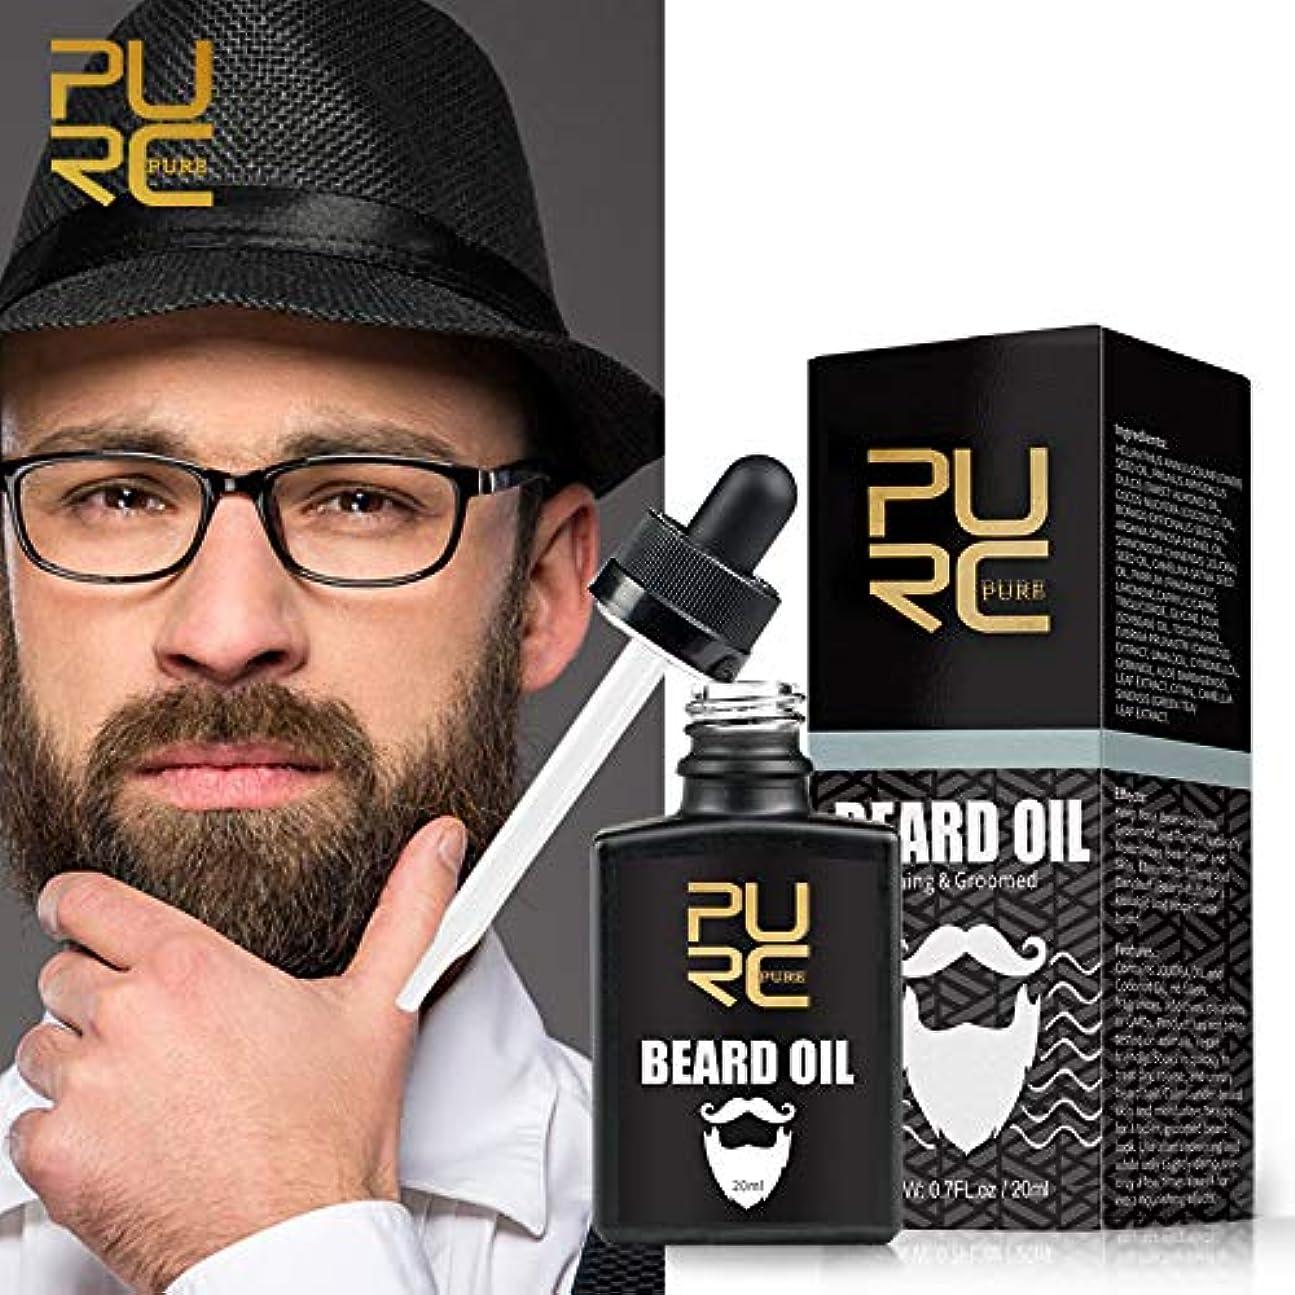 台無しに条約帰するPURCビアードオイル栄養と手入れにより、ひげがかゆみとふけ防止のビアードオイルを排除 PURC Beard Oil Nourishing & Groomed Moisturizes Beard Eliminates Itching...